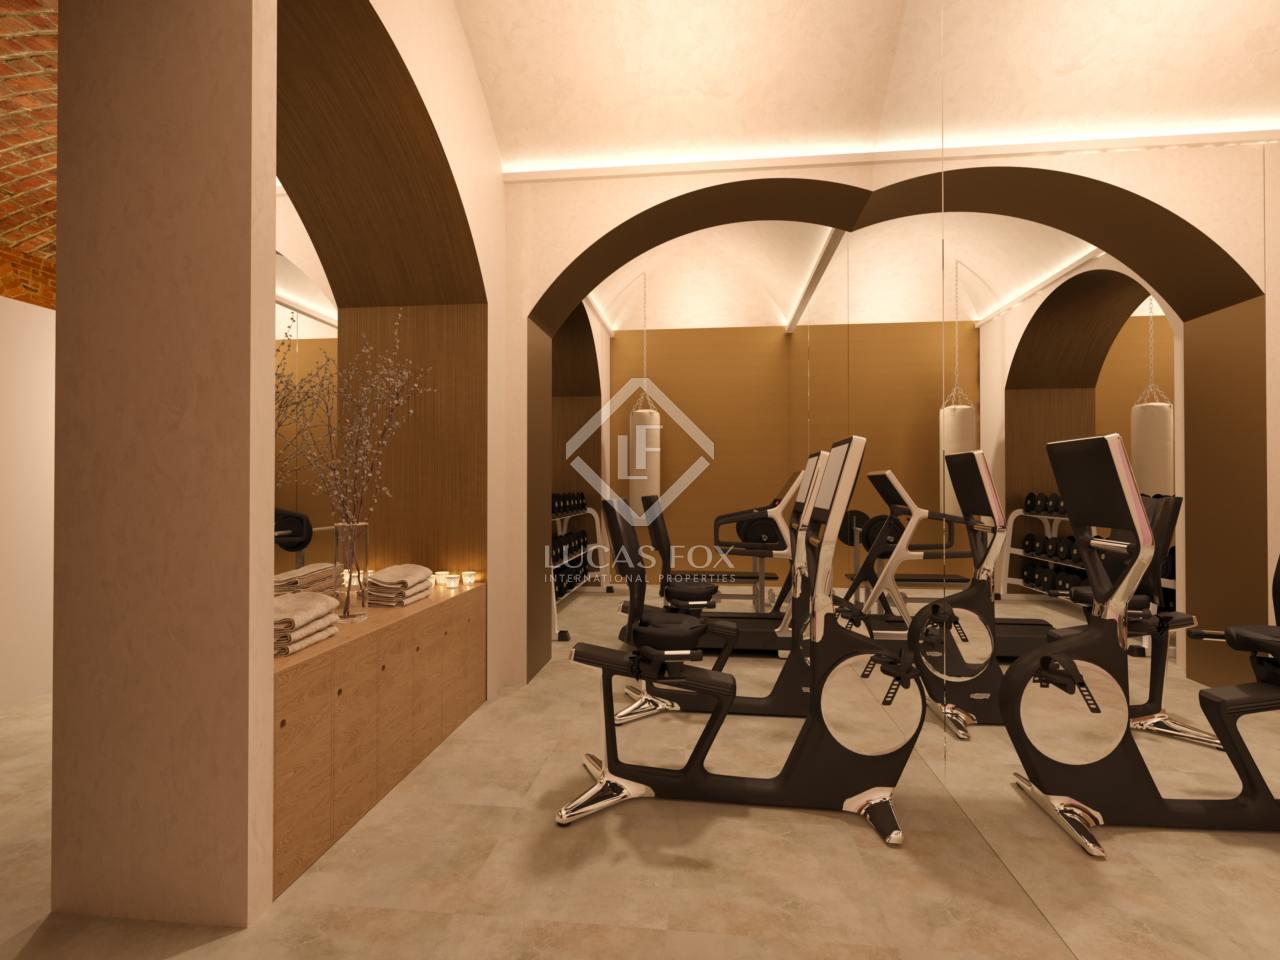 Las mejores viviendas con gimnasio en casa en barcelona lucas fox - Casa con gimnasio ...